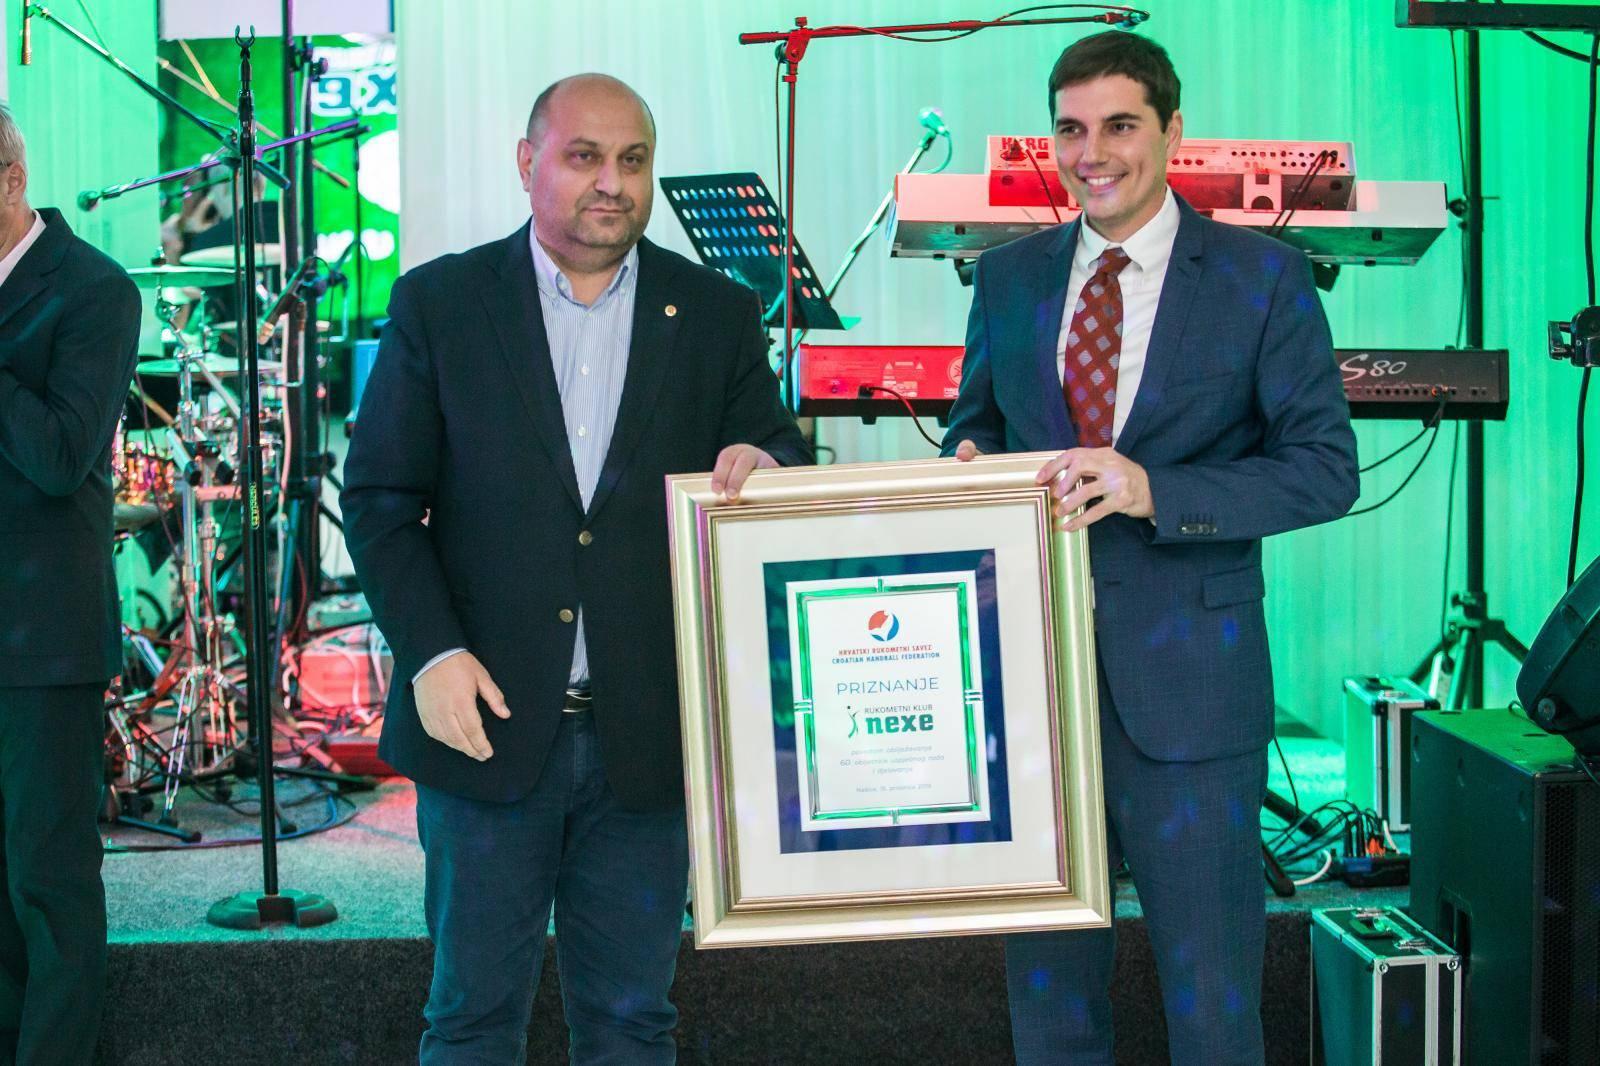 Našice: Proslava 60 godina postojanja rukometnog kluba Nexe